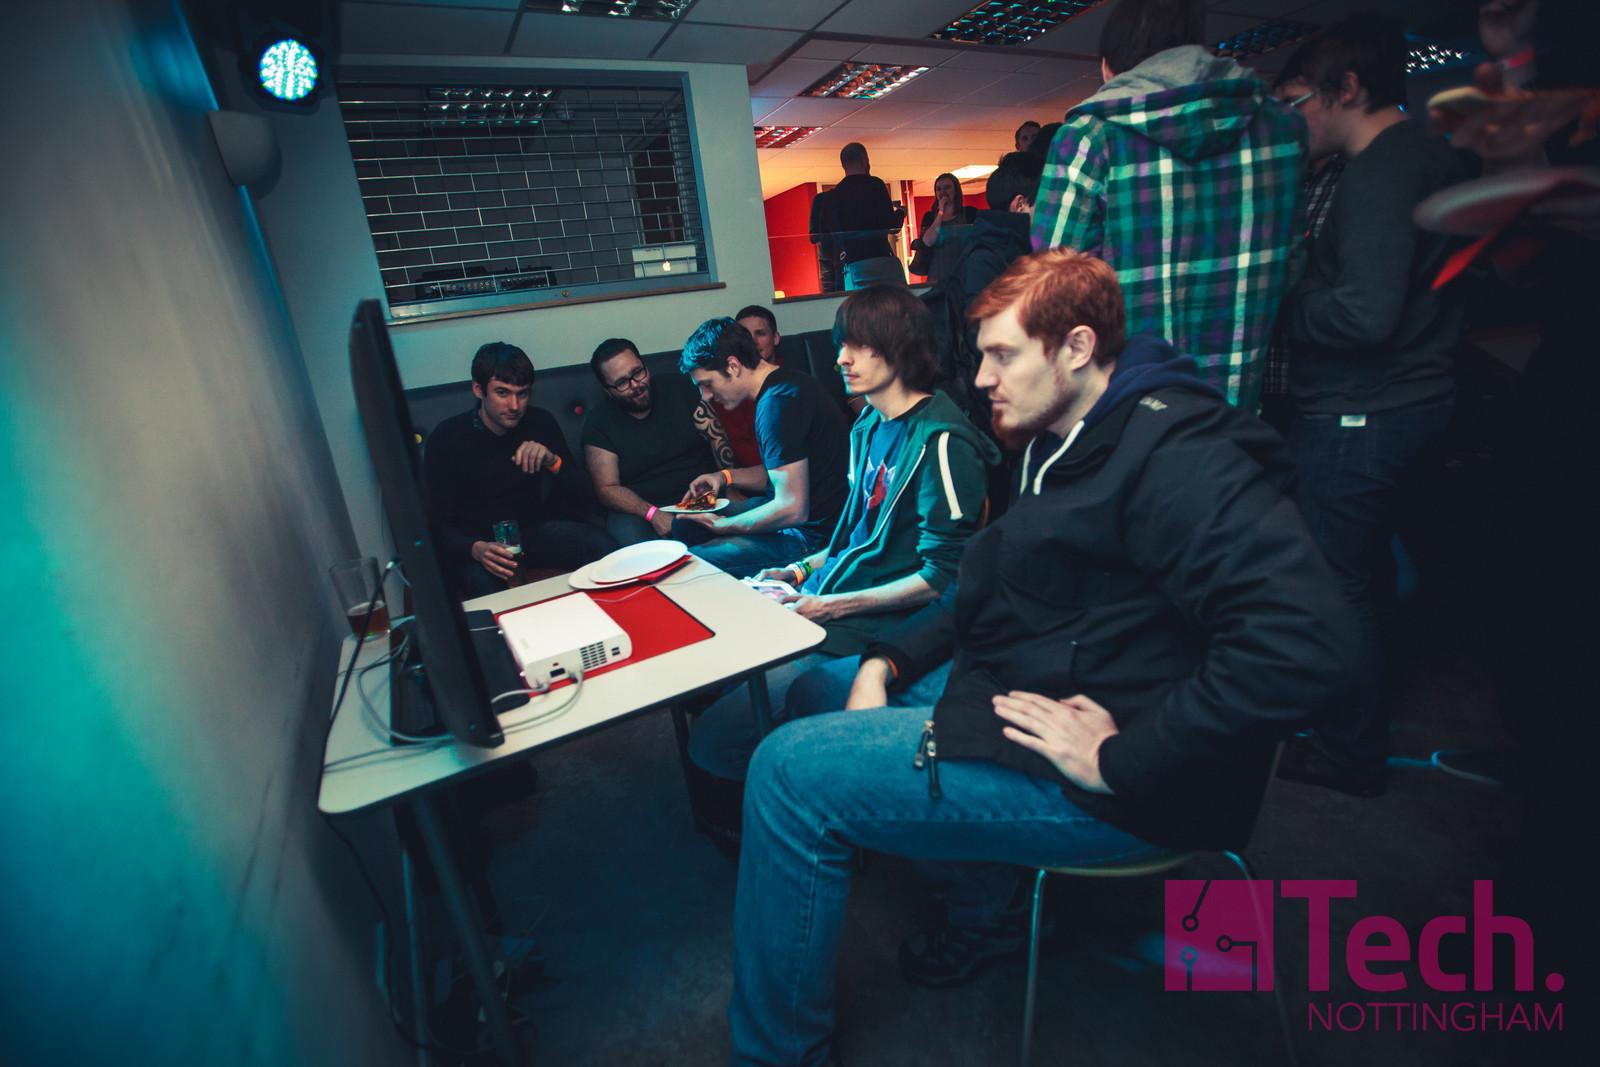 technottingham-145.jpg